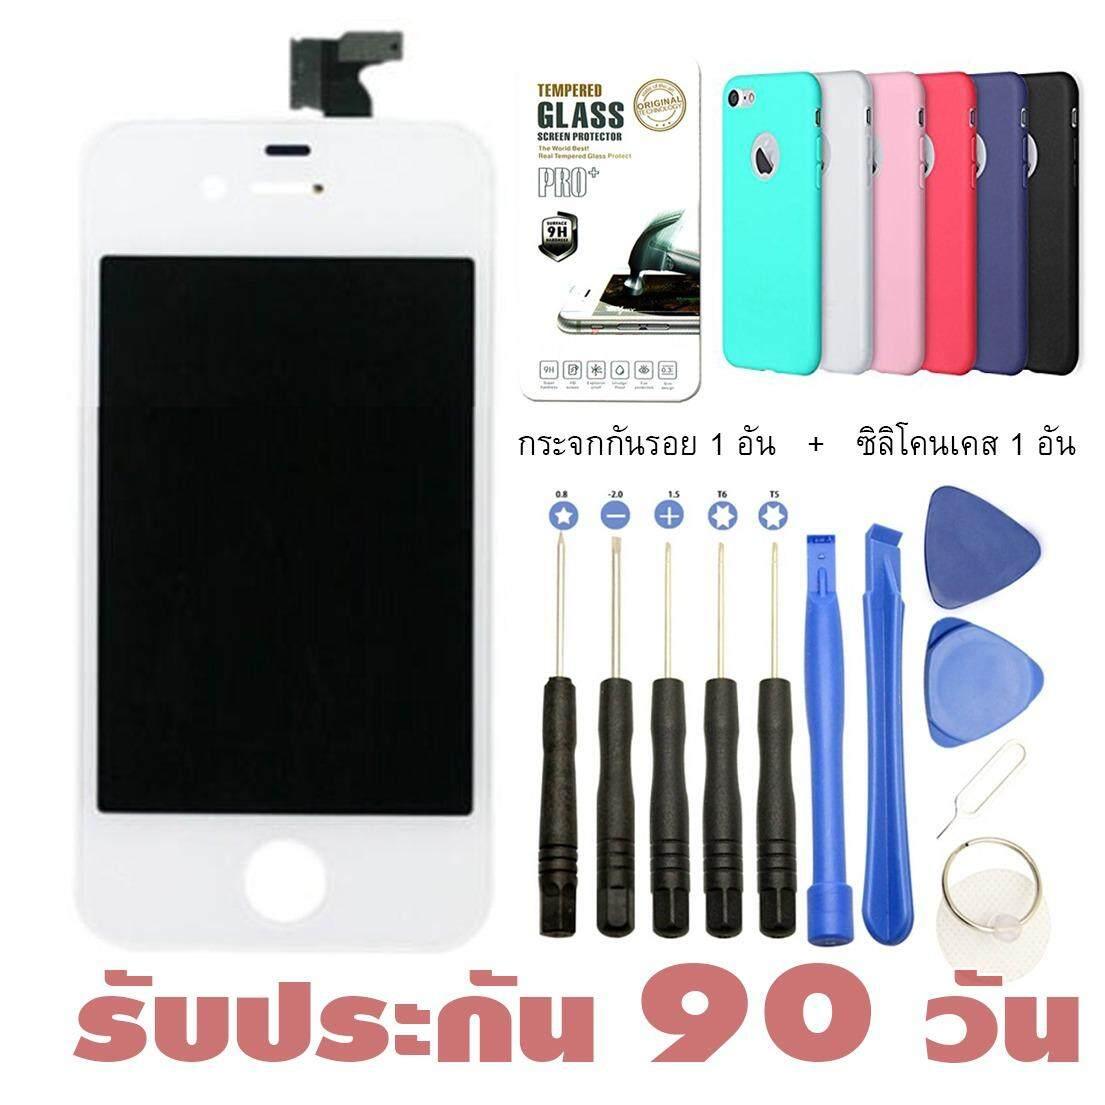 ราคา ประกัน 90 วัน หน้าจอไอโฟน 4 ทัสกรีน Iphone 4 Lcd ใหม่ล่าสุด